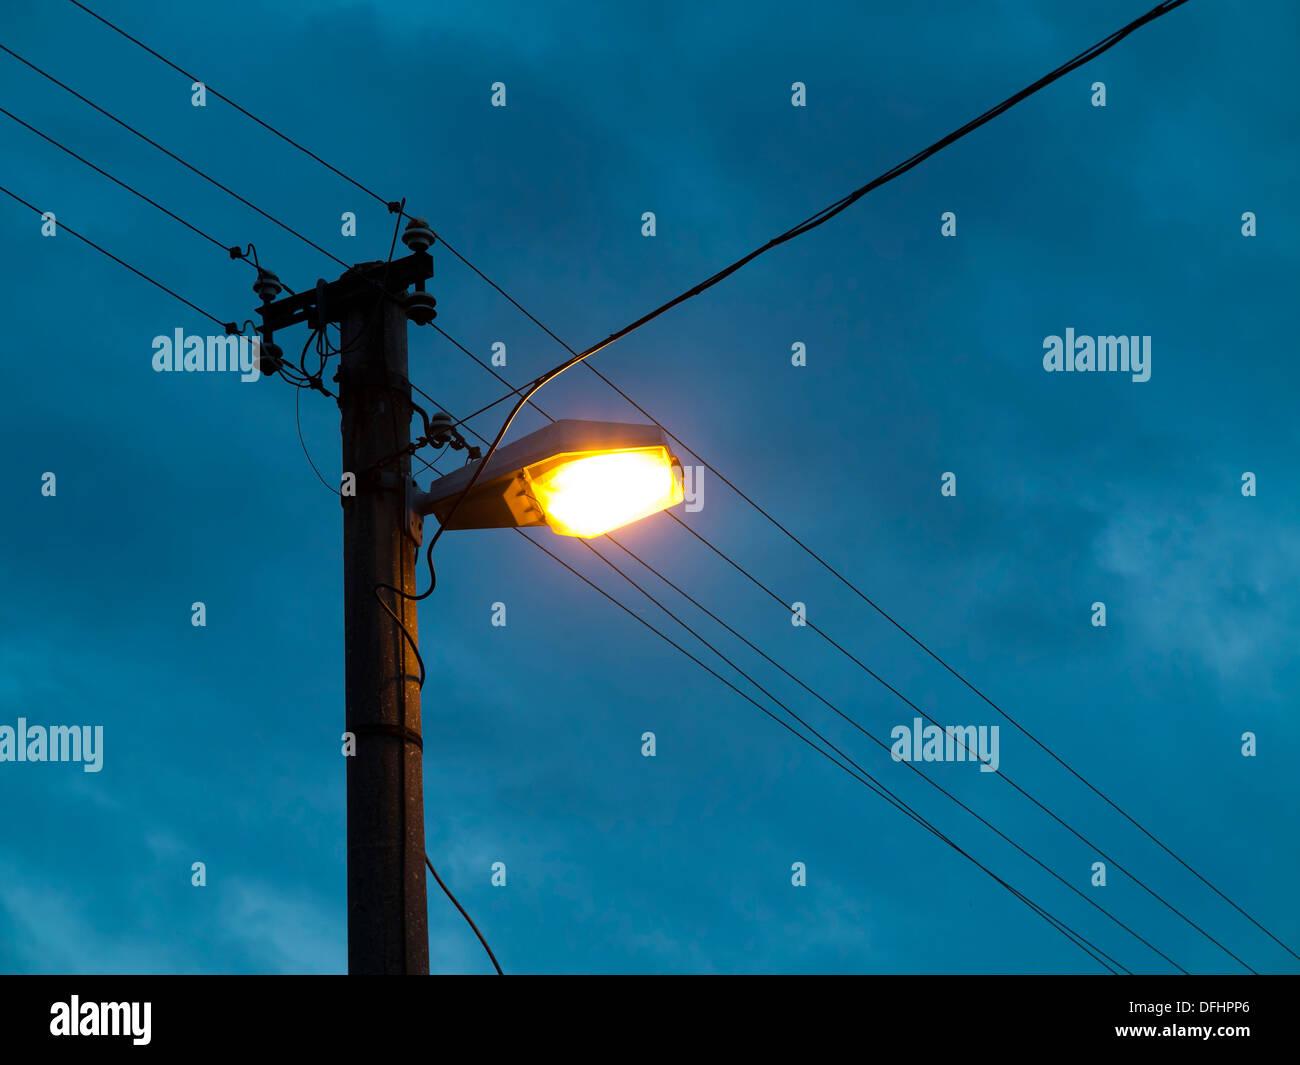 Awe Inspiring Wiring Wire Street Light Stock Photos Wiring Wire Street Light Wiring Digital Resources Instshebarightsorg